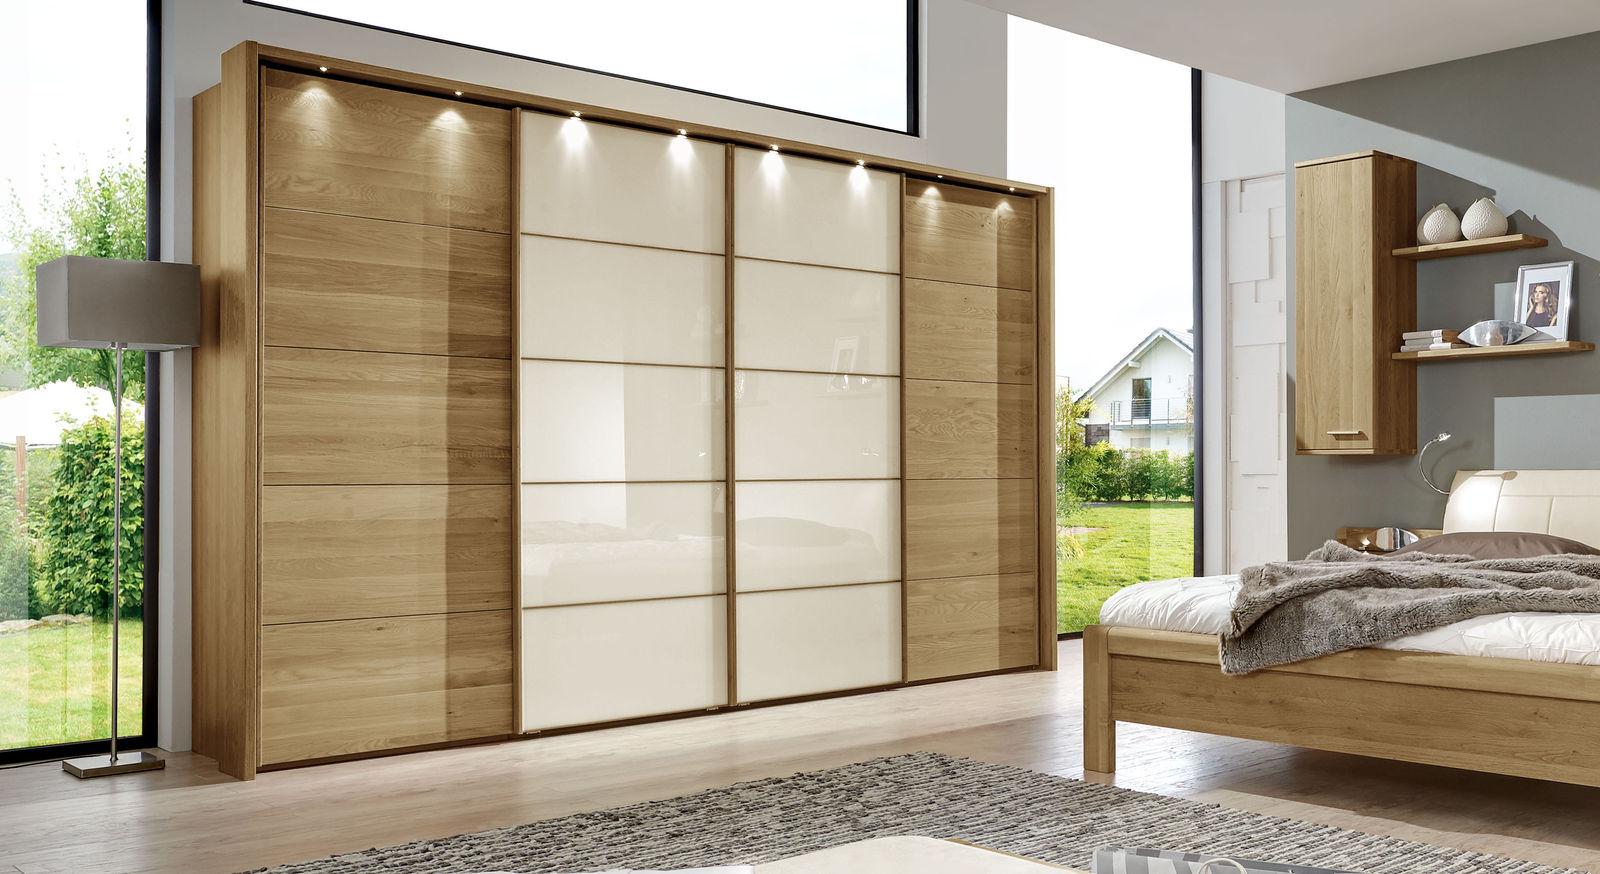 Schwebetüren-Kleiderschrank Praia mit magnolienfarbenem Glaseinsatz an den Türen